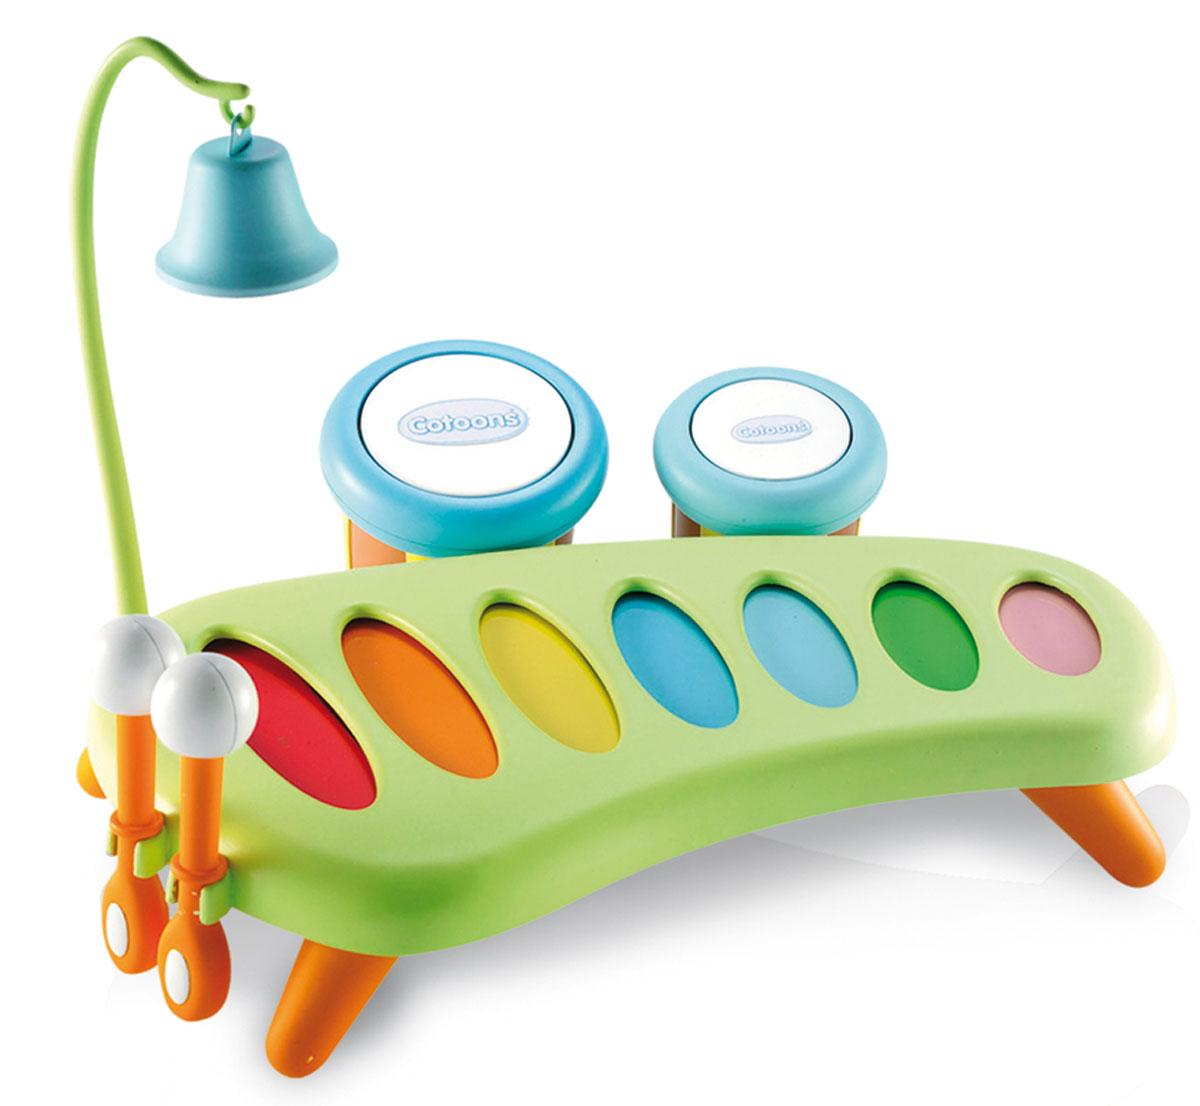 Smoby Ксилофон211013Ксилофон представляет собой игровую панель с яркими пластинами разной величины, закрепленных на пластиковом каркасе и настроенных на семь определенных ладов. По пластинам ударяют пластиковыми палочками с шарообразными наконечниками, при этом раздается необычайно чистый и яркий звук. Ксилофон стоит на небольших удобных ножках, а палочки для игры изготовлены так, чтобы маленьким пальчикам было удобно их держать. После игры палочки можно закрепить к ксилофону, вставив их в отверстия сбоку. В наборе есть тамбурины - маленькие барабанчики с разным звучанием, которые могут служить и маракасами. Ксилофон дополнен колокольчиком на высоком штативе с крючком, который крепится к ксилофону. Ксилофон развивает слух, чувство ритма и музыкальной памяти, творческое и логическое мышление, речь и навыки общения. Игра на музыкальном инструменте развивает координацию, слаженность и точность движений рук.